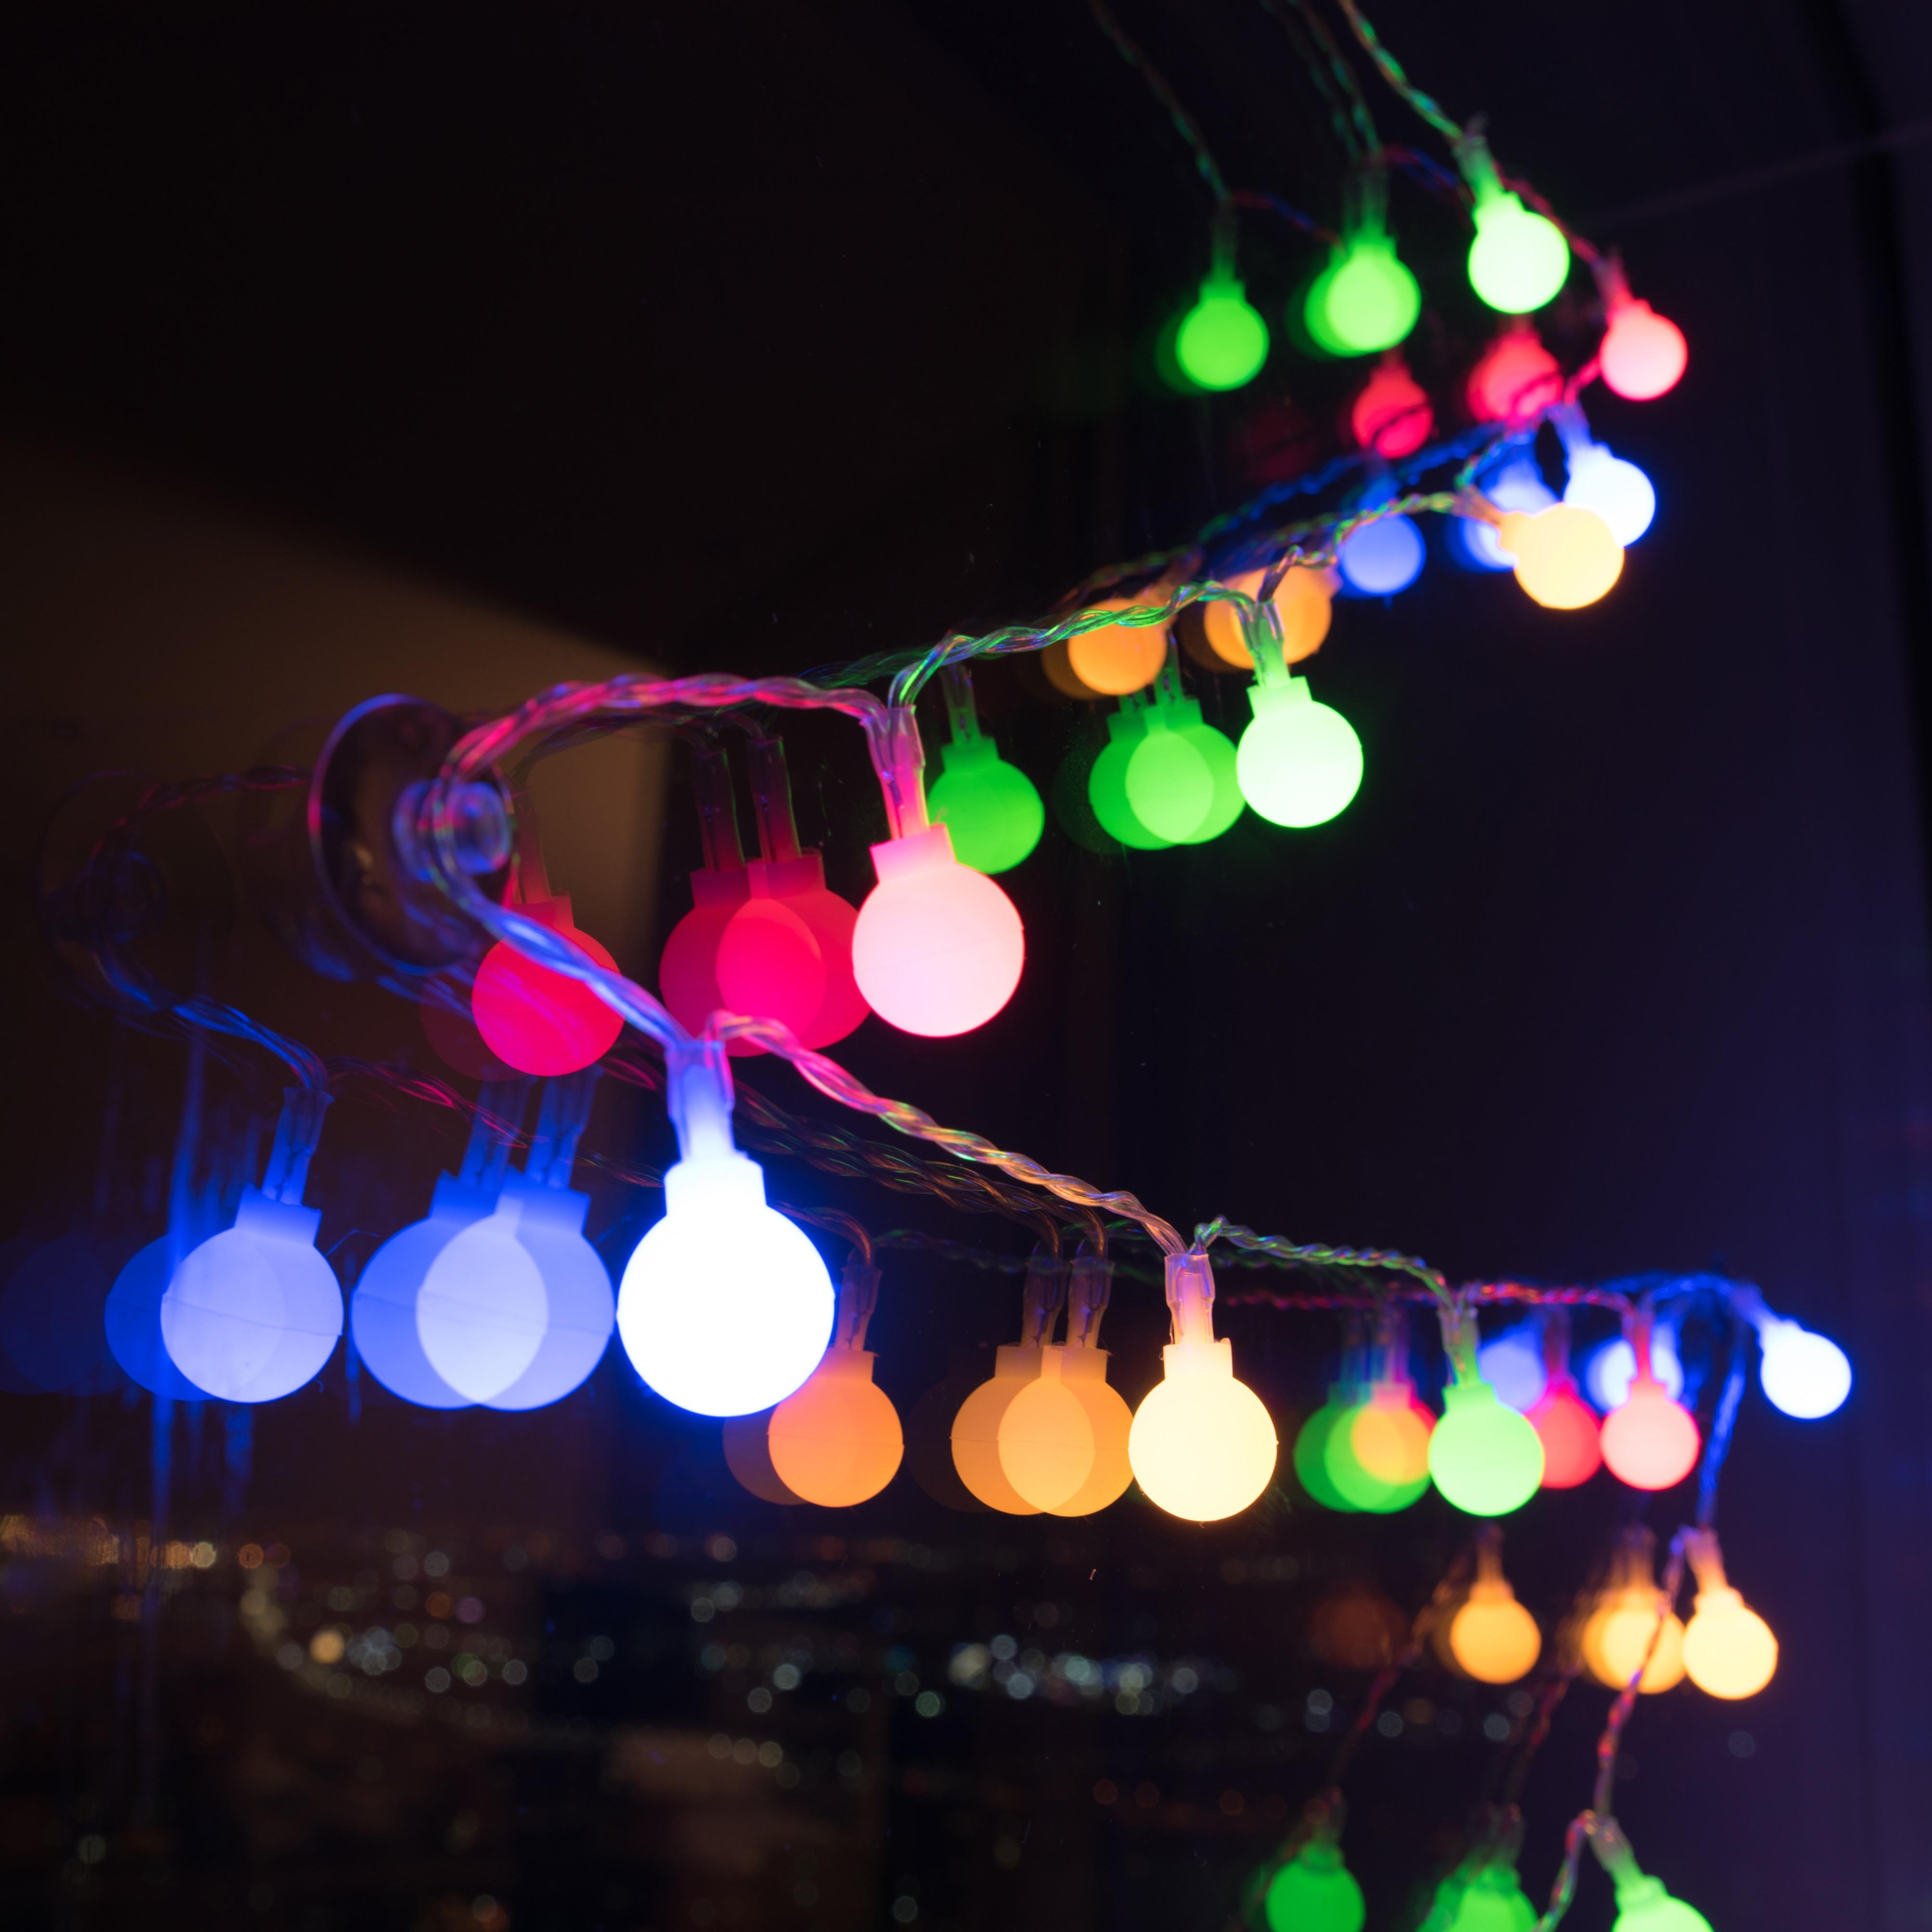 코멧 무지개 앵두전구 줄조명 40구, 혼합색상